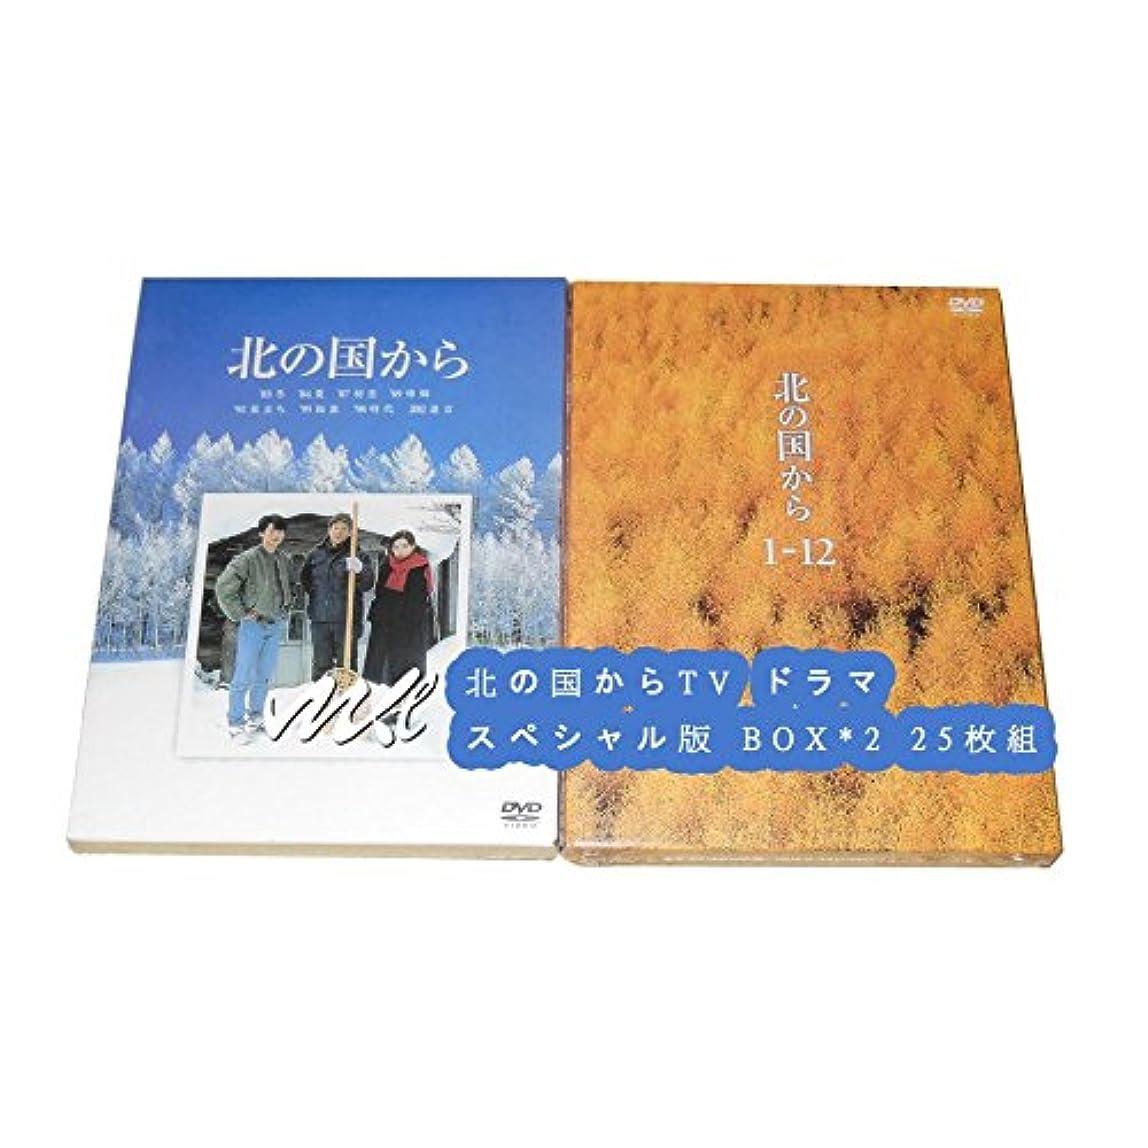 キャプション急降下外向き北の国からTV ドラマ+スペシャル版 BOX*2